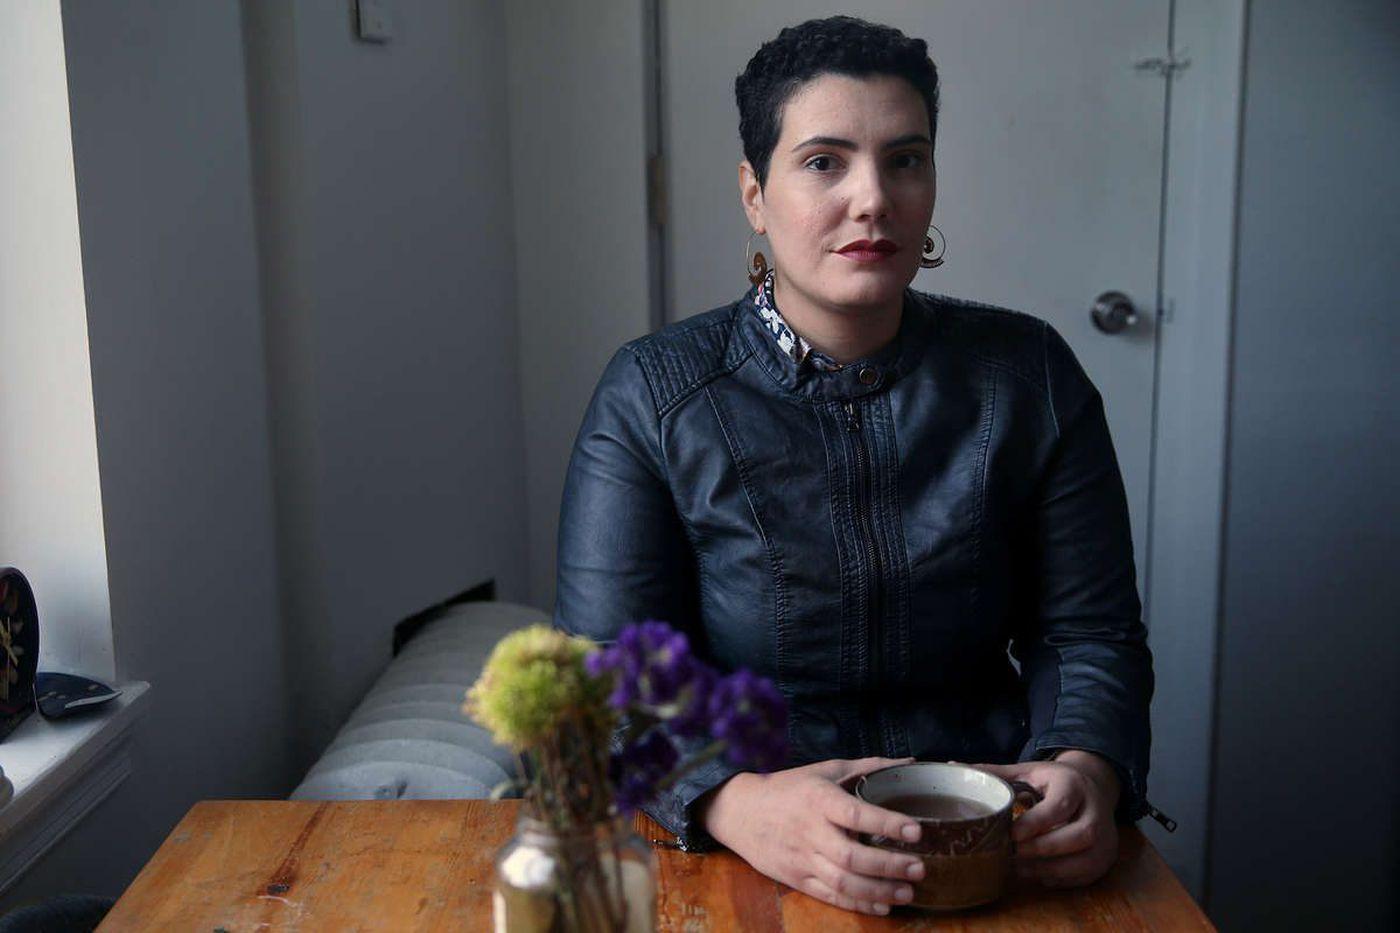 Meet Philadelphia's new poet laureate, Raquel Salas Rivera: Poet, migrant, bridge-builder